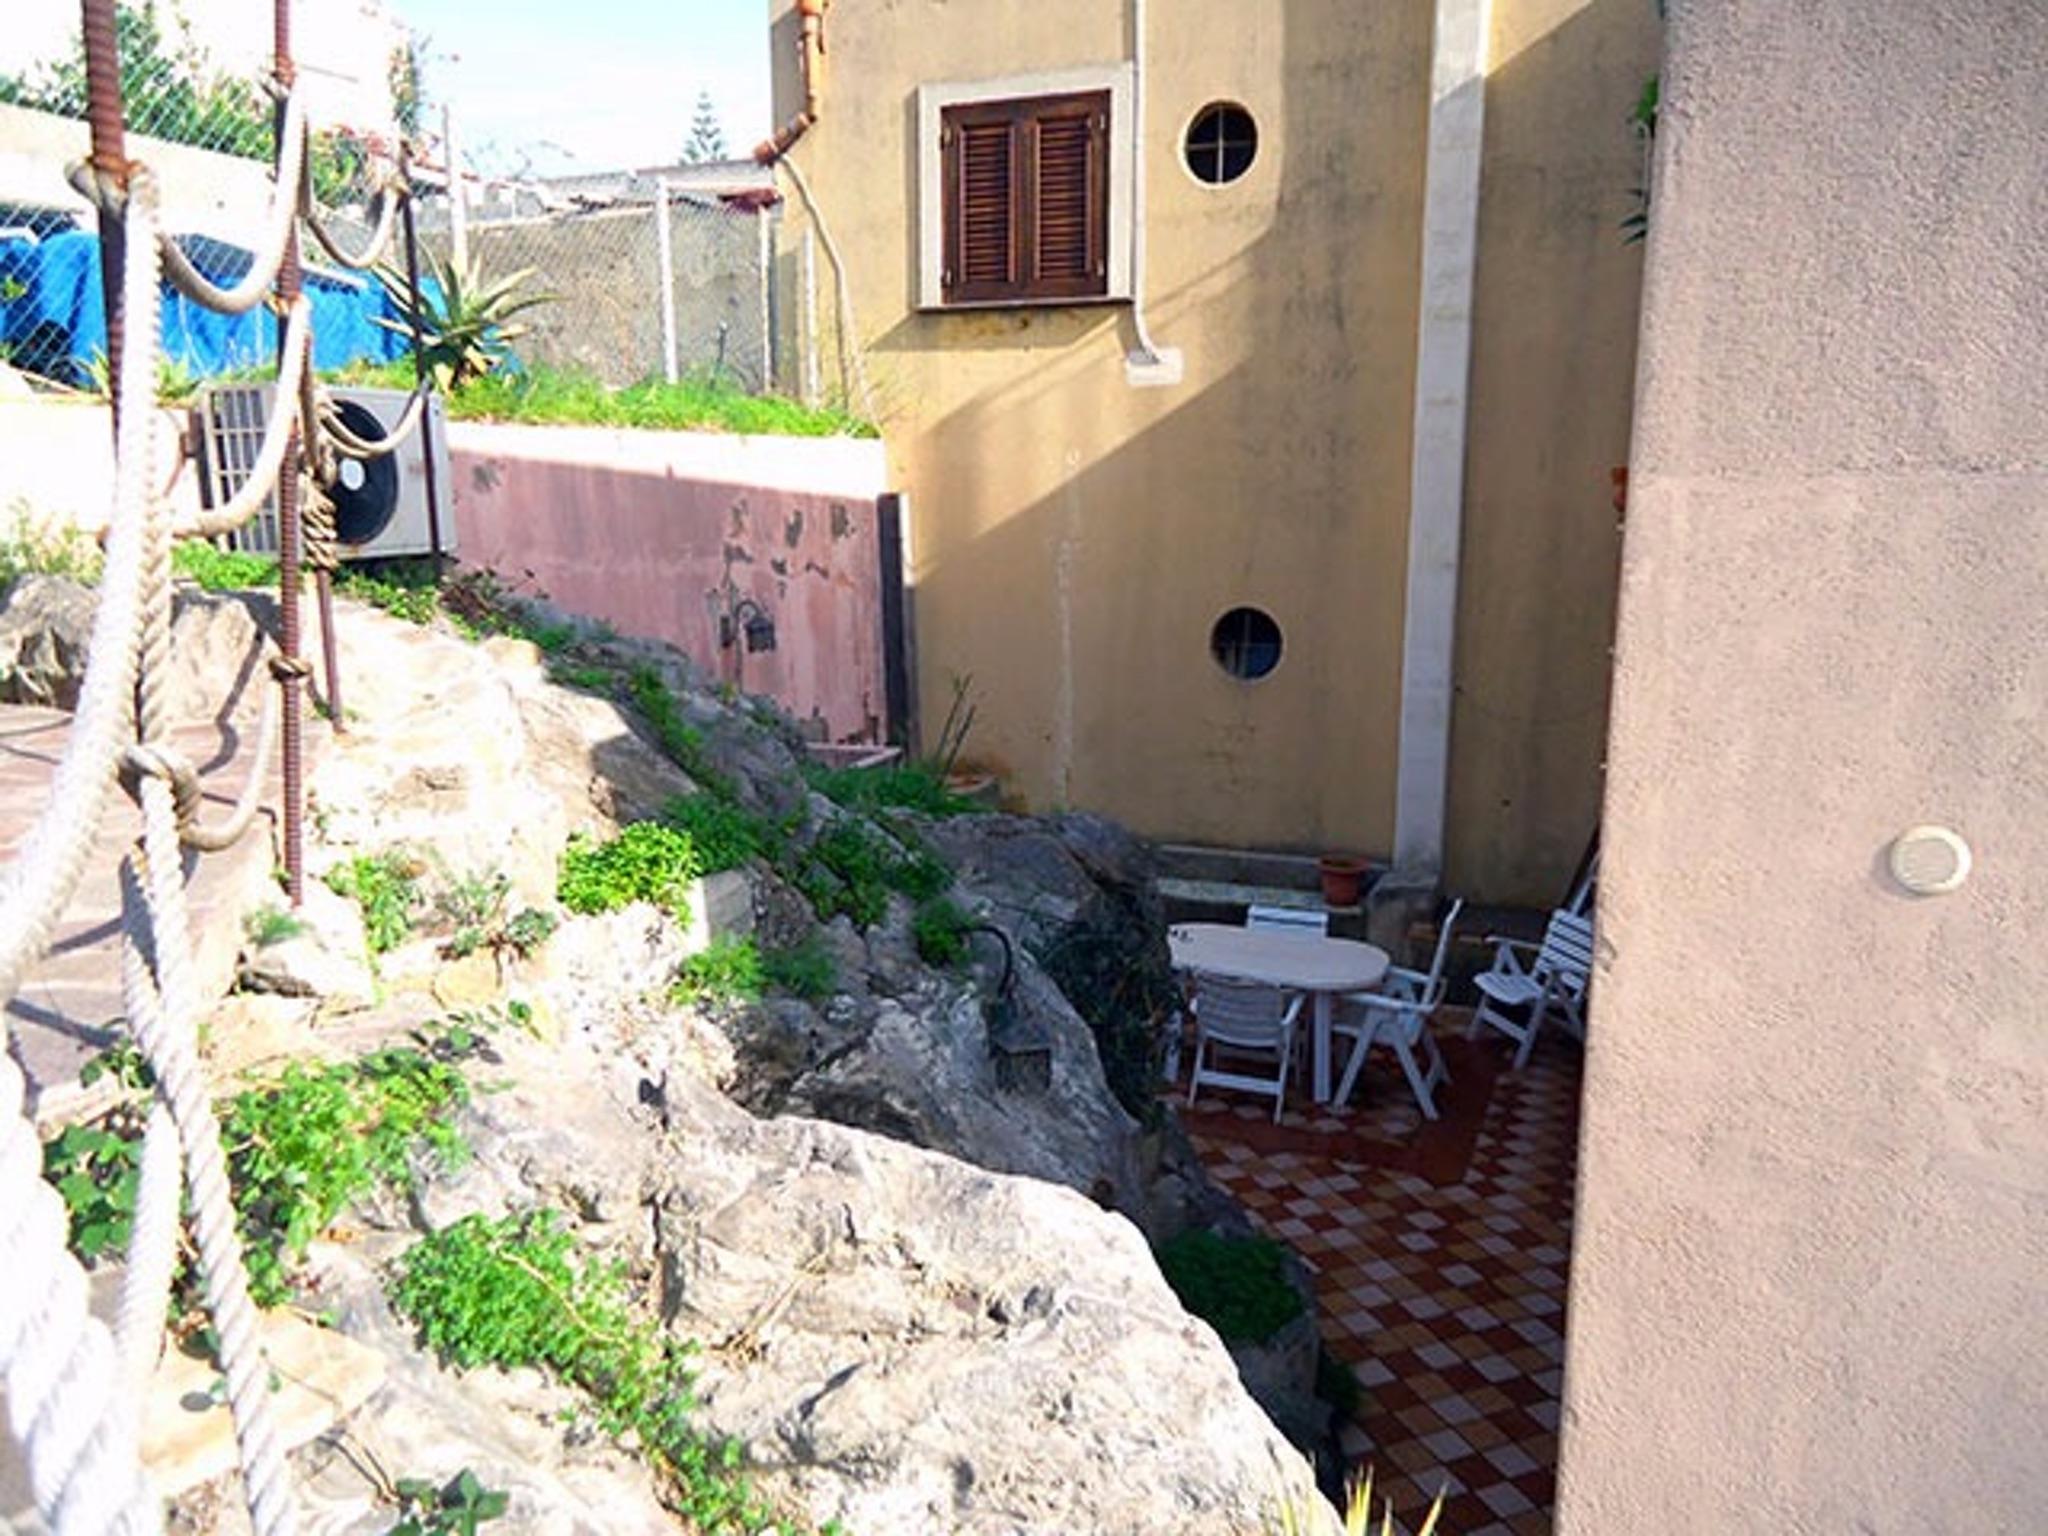 Appartement de vacances Wohnung mit 2 Schlafzimmern in Lipari mit möblierter Terrasse - 20 m vom Strand entfernt (2202323), Lipari, Lipari, Sicile, Italie, image 10